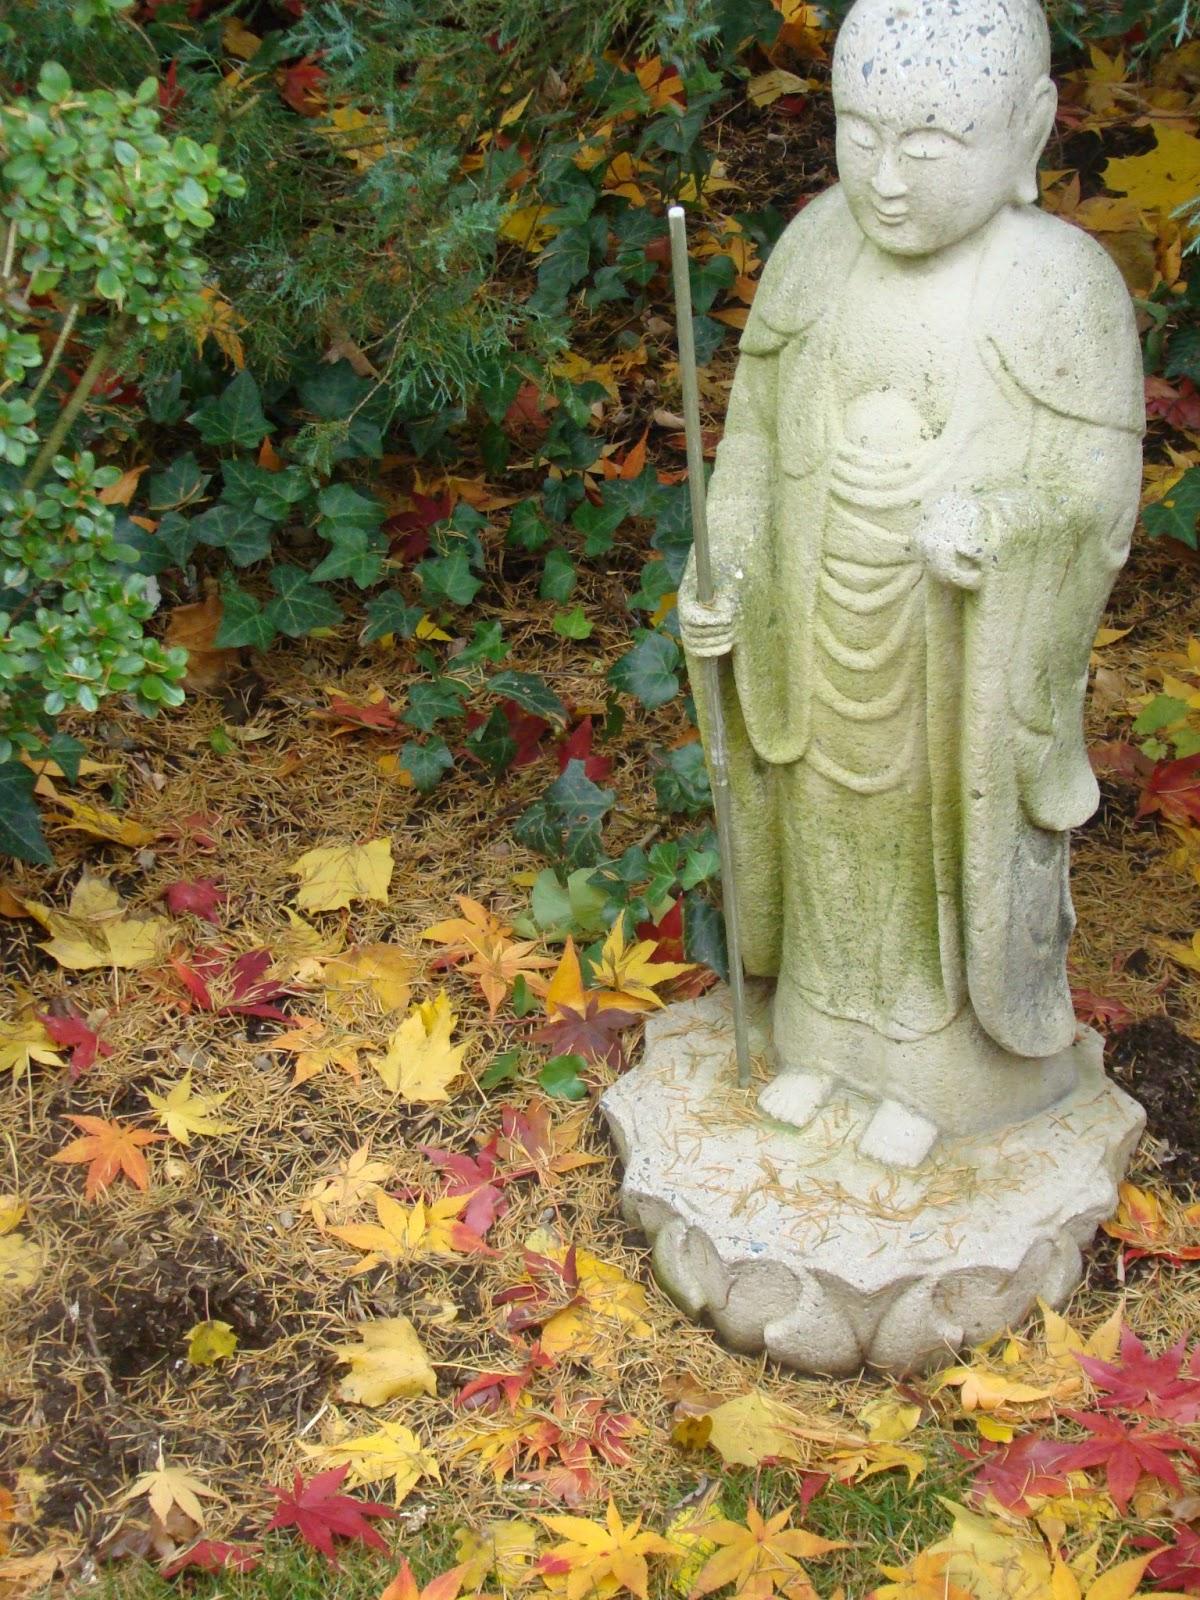 north garden buddhist personals Buddhist dating site, buddhist personals, buddhist singles, buddhist chat - free online dating free buddhist dating site.